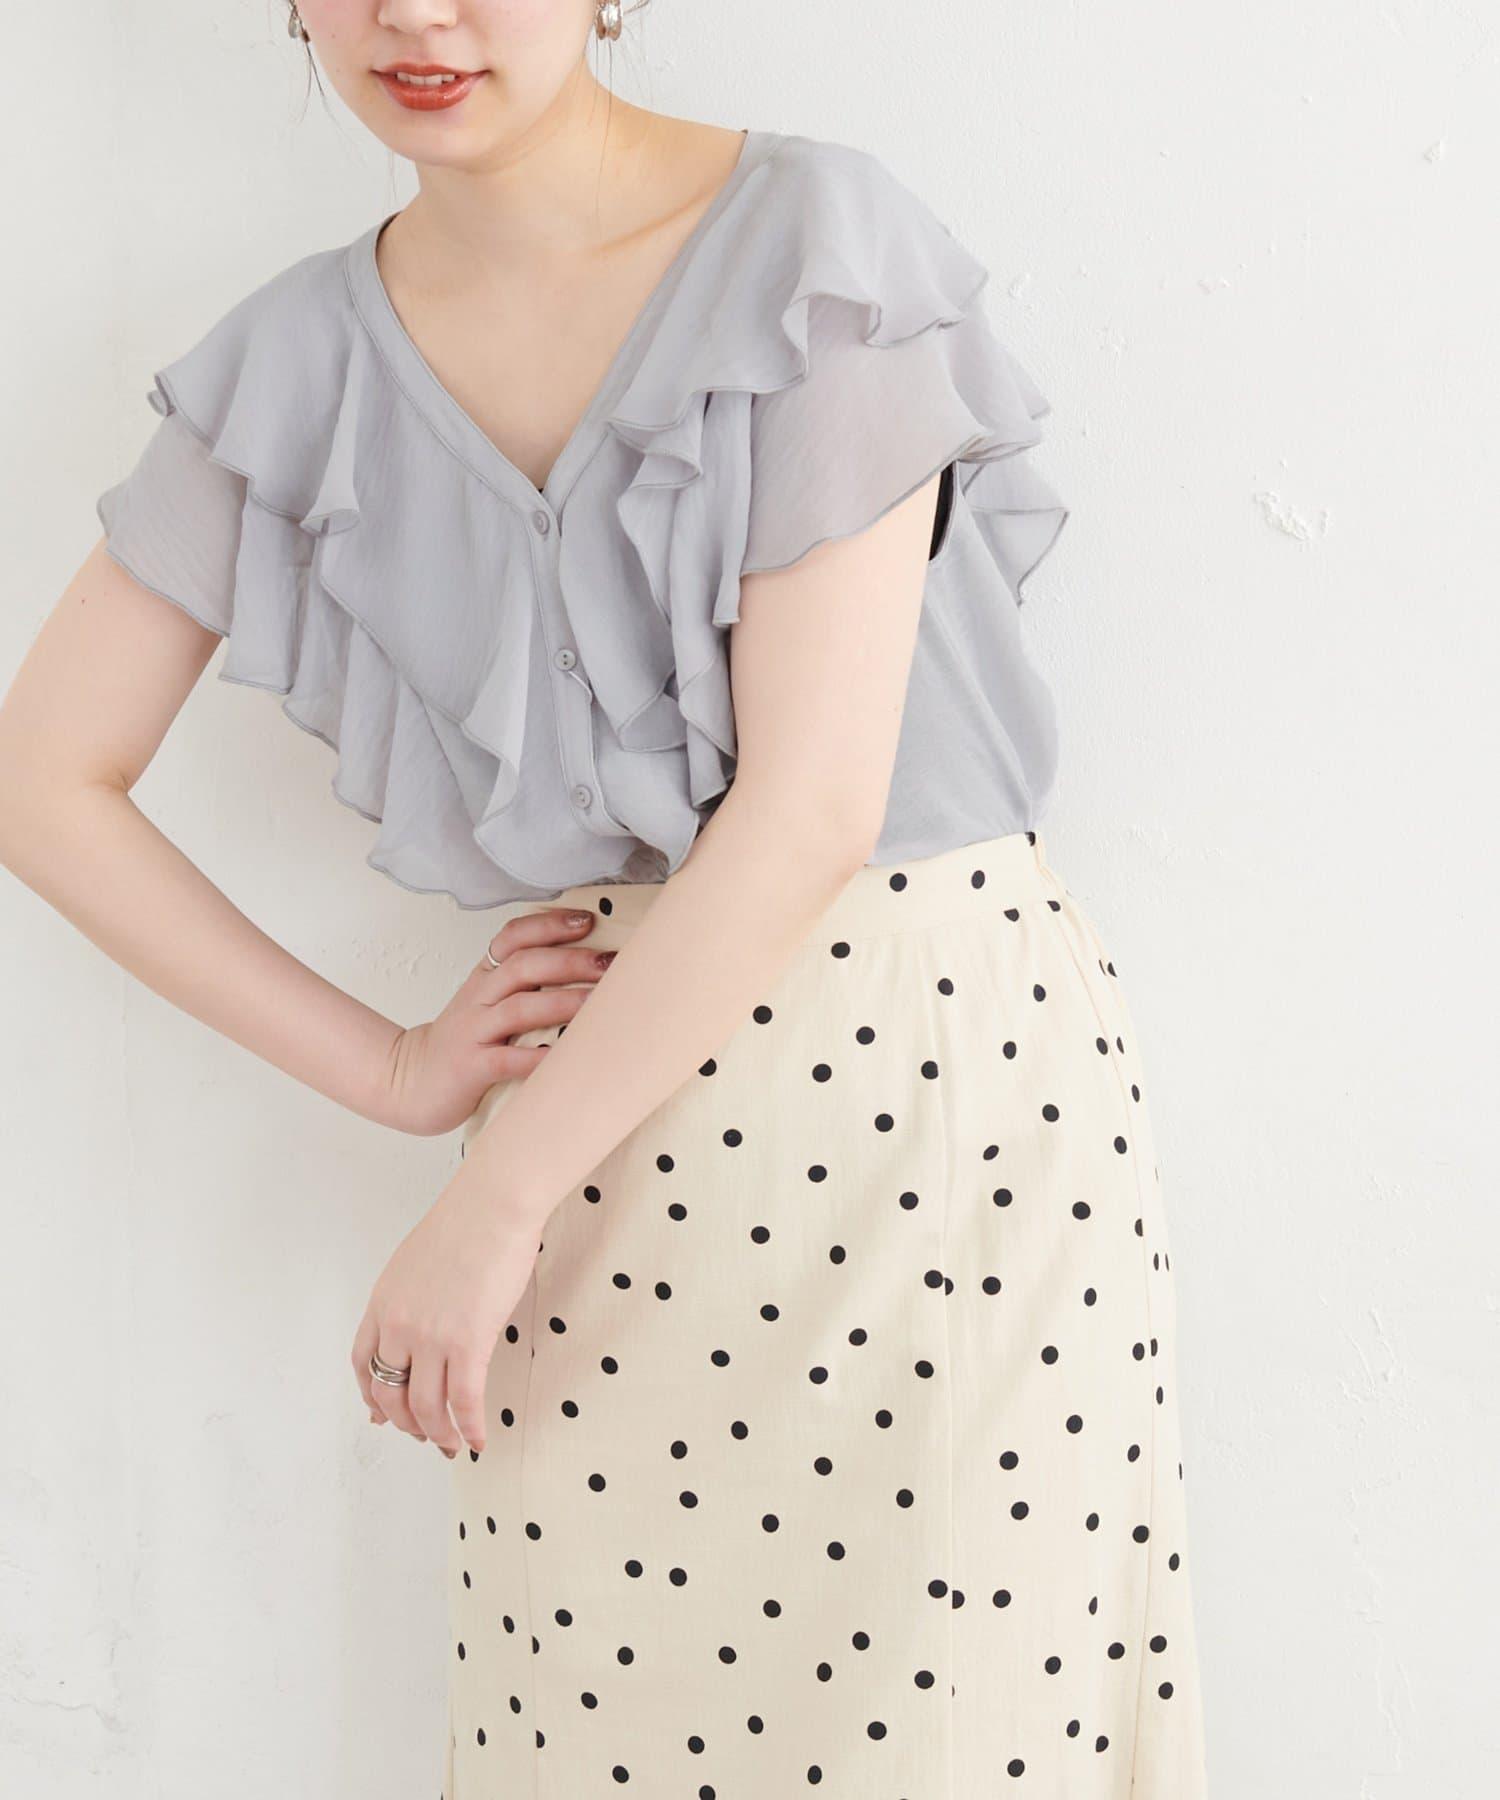 natural couture(ナチュラルクチュール) ふんわりラッフルデザインブラウス